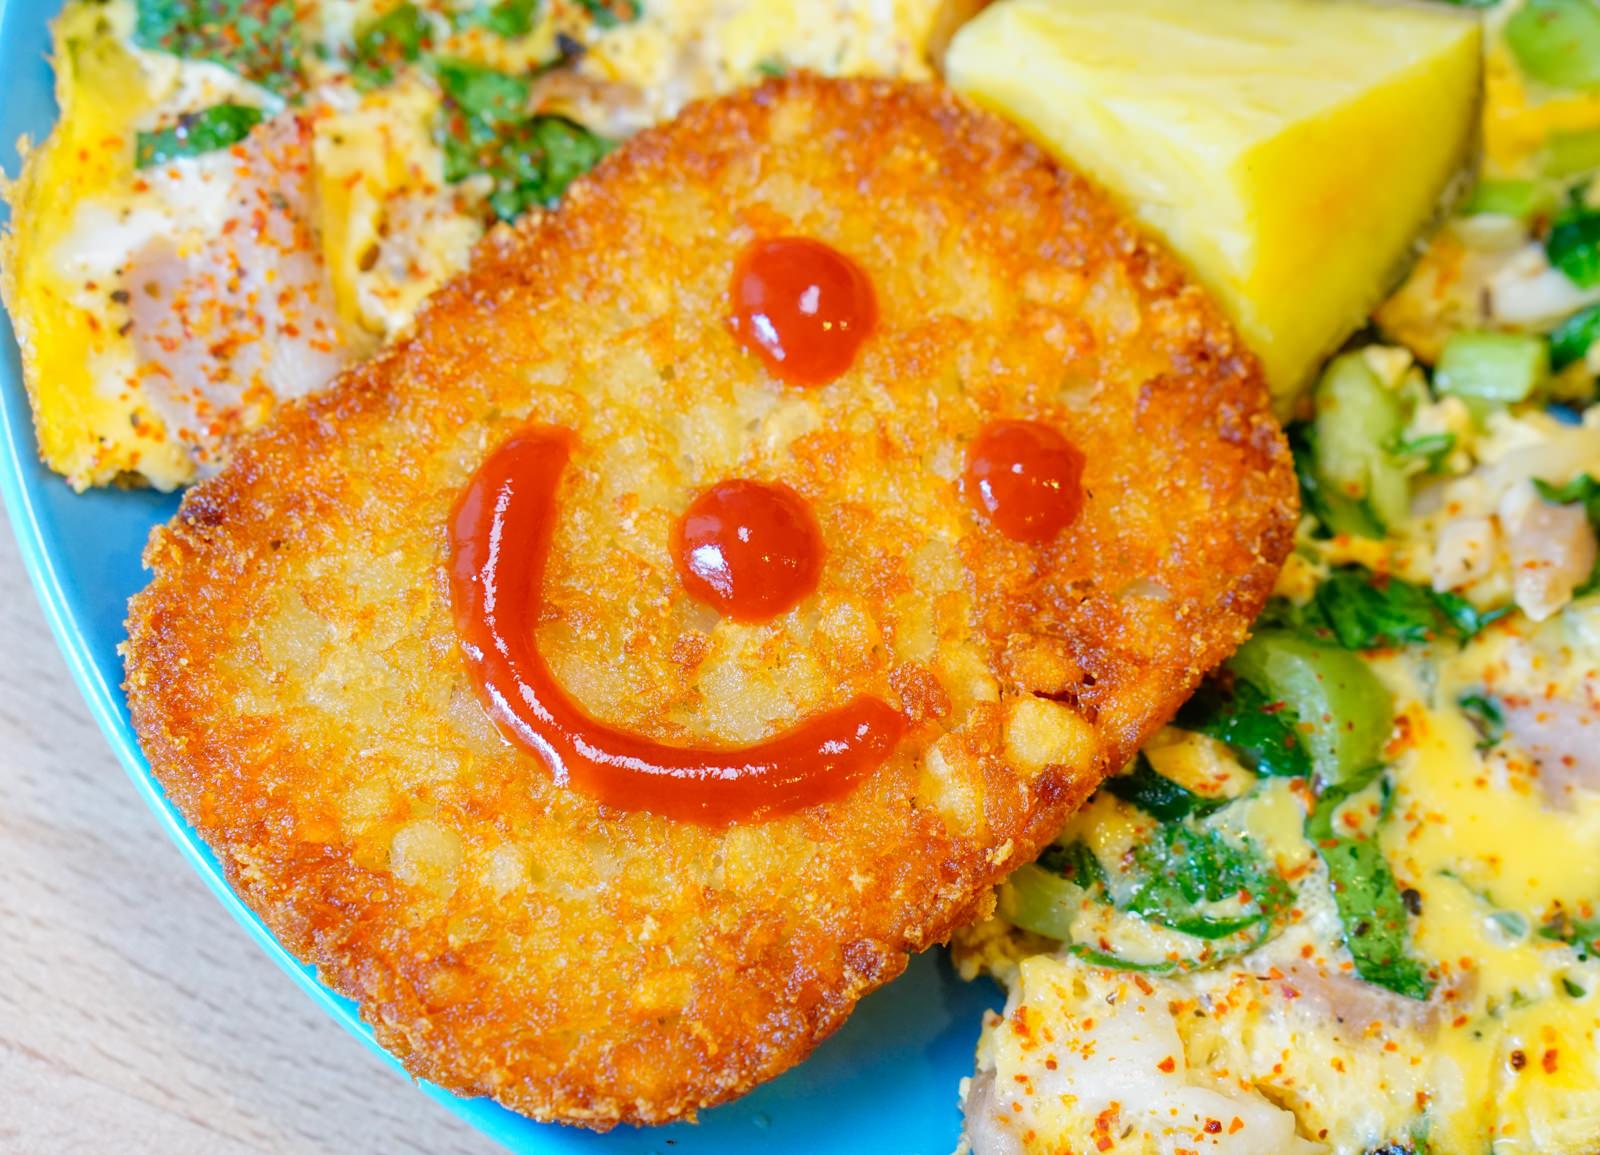 [高雄]路也食光(陽明店)-讓人微笑的溫暖平價早午餐 美味拼盤x鄉村風空間 高雄早午餐推薦 @美食好芃友